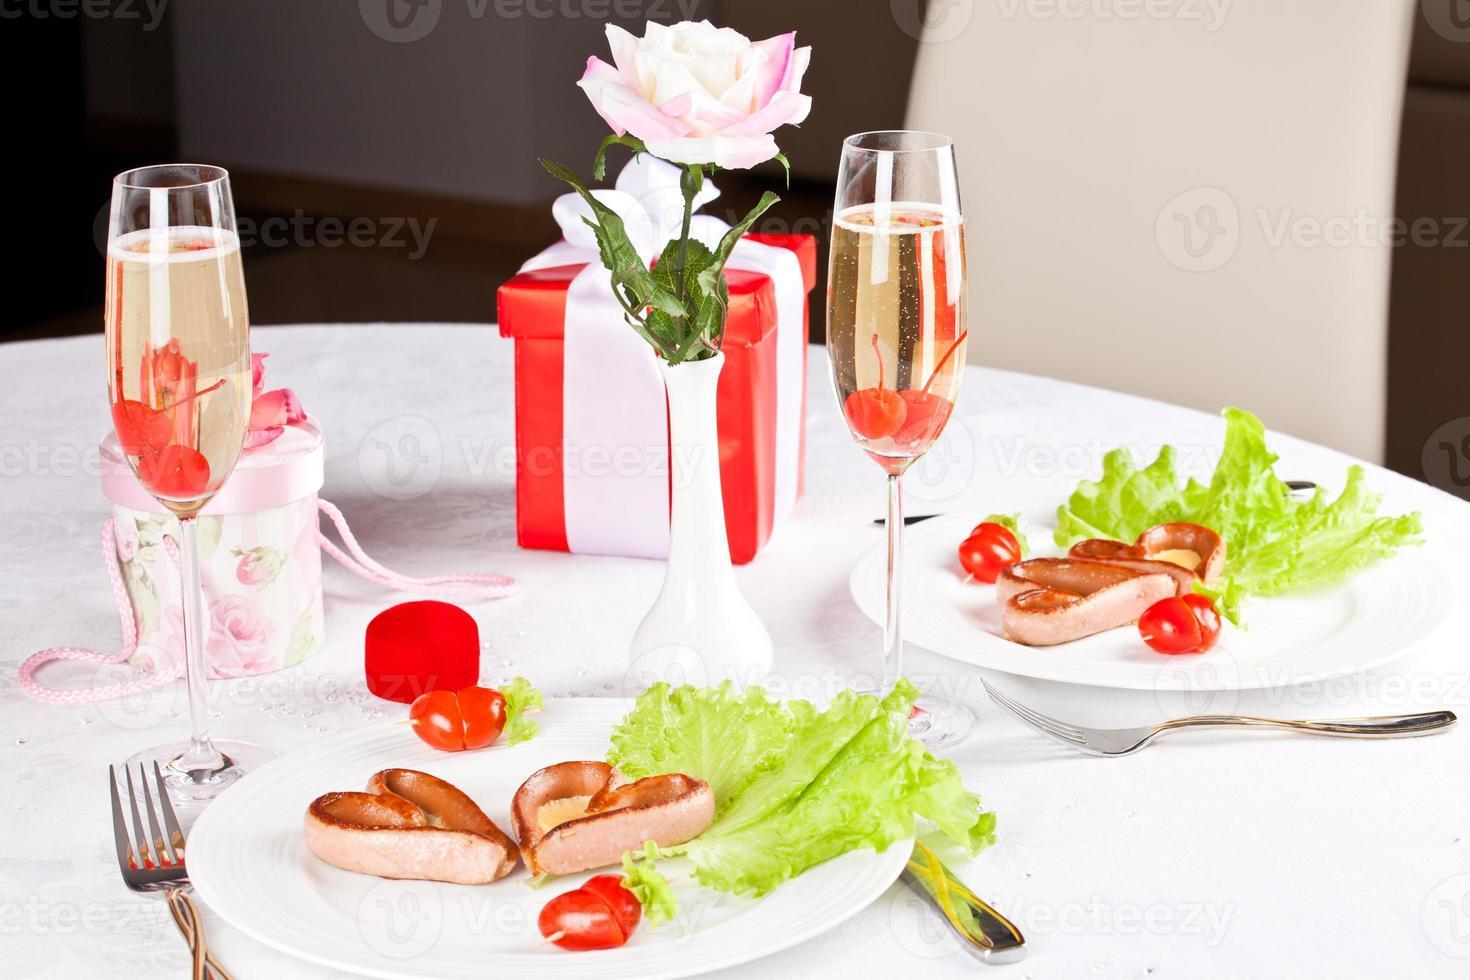 petit déjeuner romantique et créatif. photo